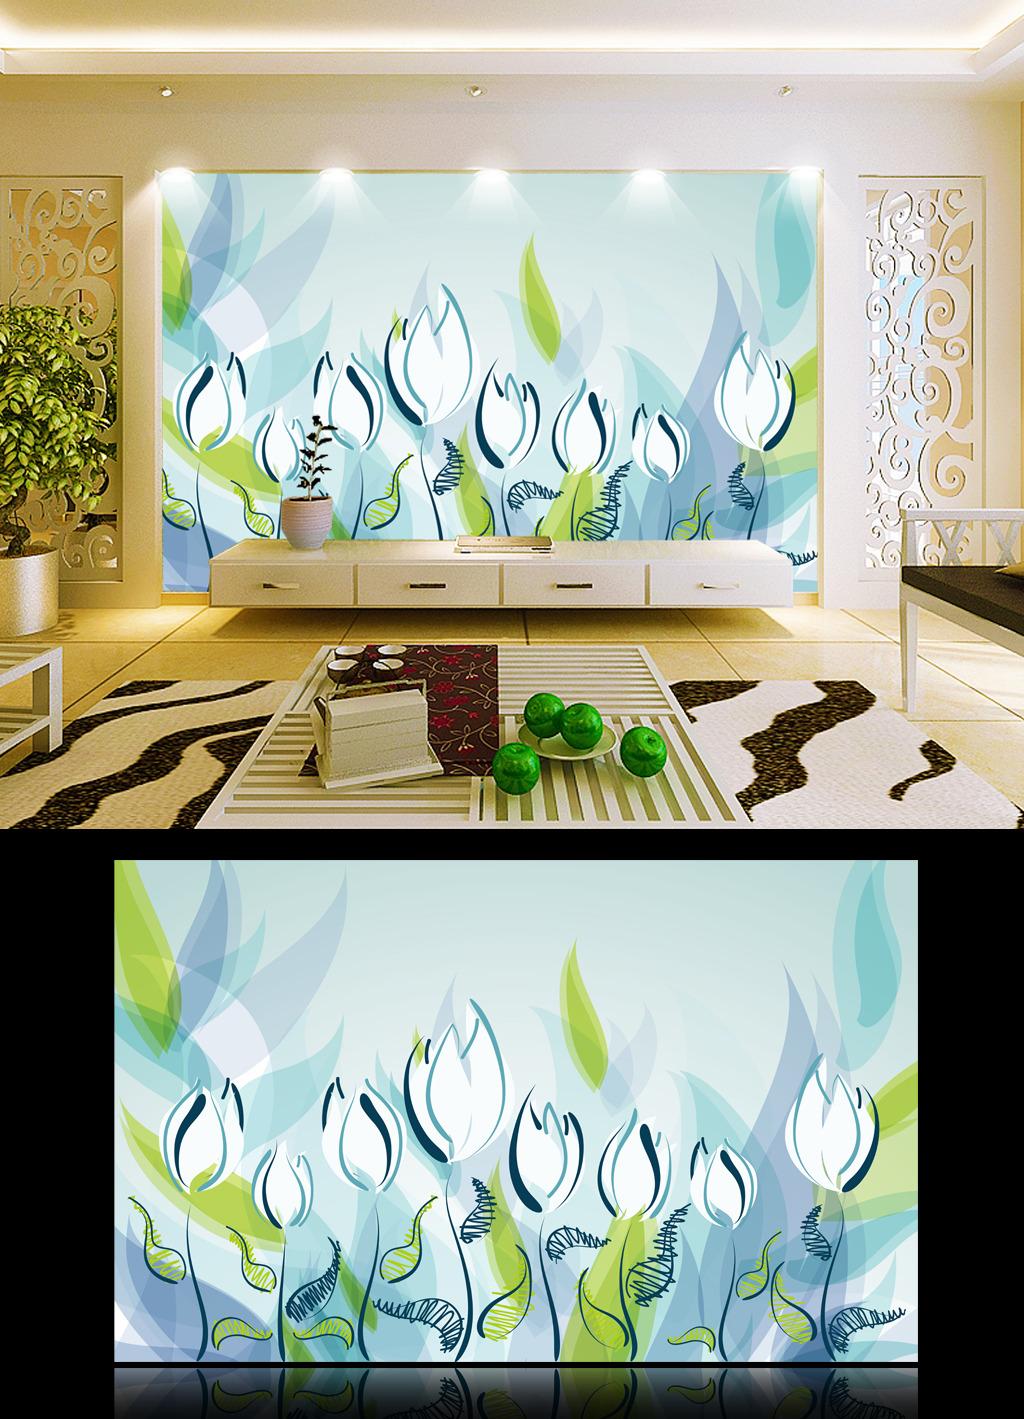 清新/[版权图片]清新简洁客厅背景墙